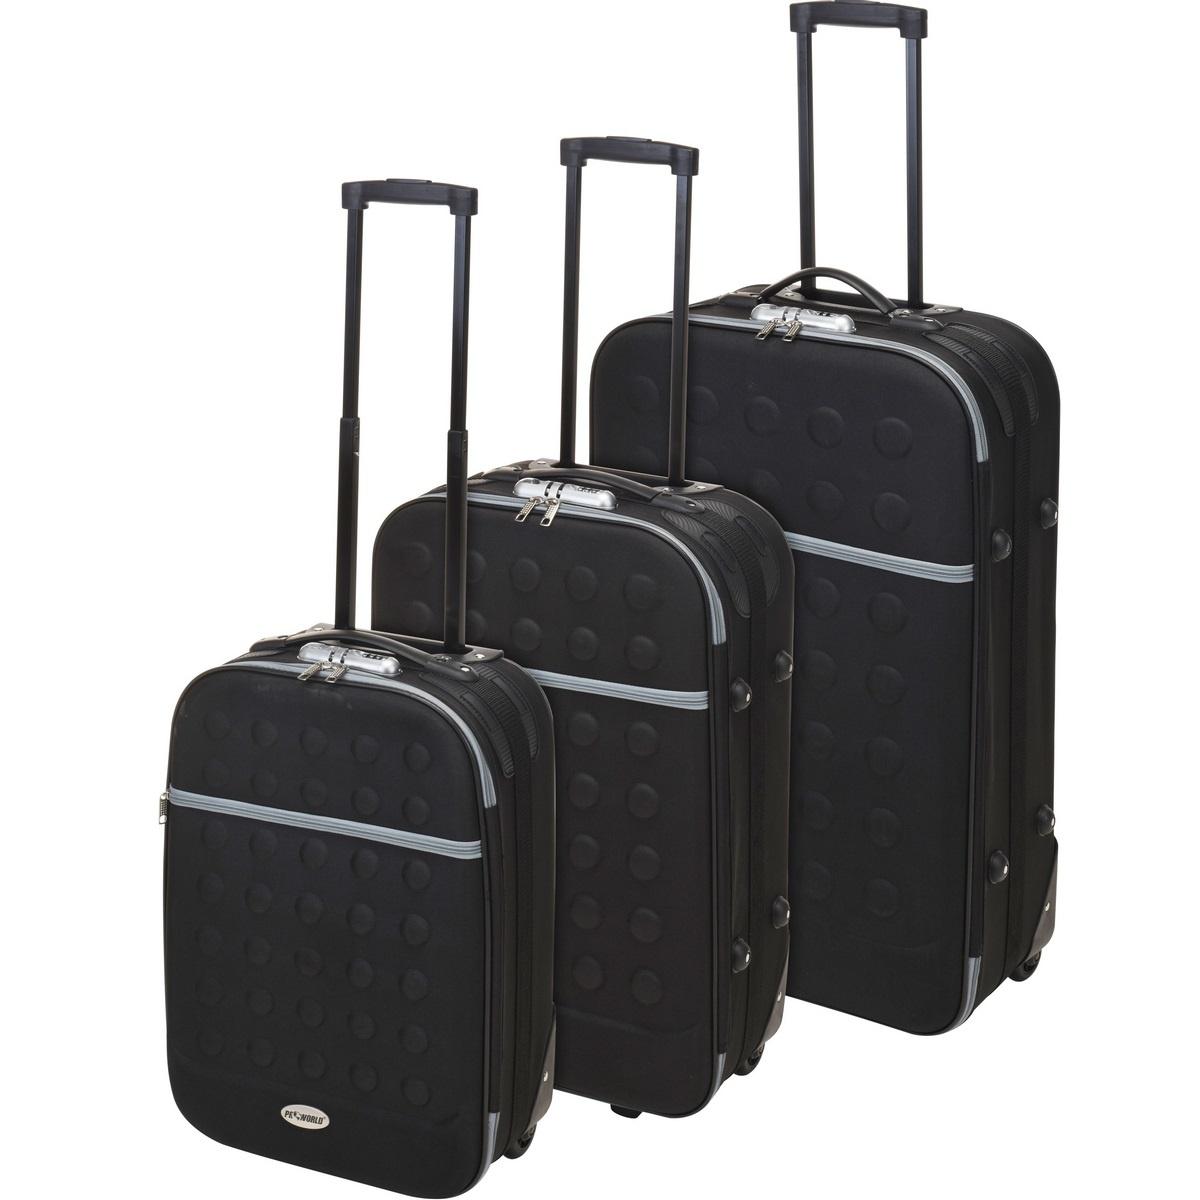 Koopman Sada textilních kufrů na kolečkách 3 ks, černá